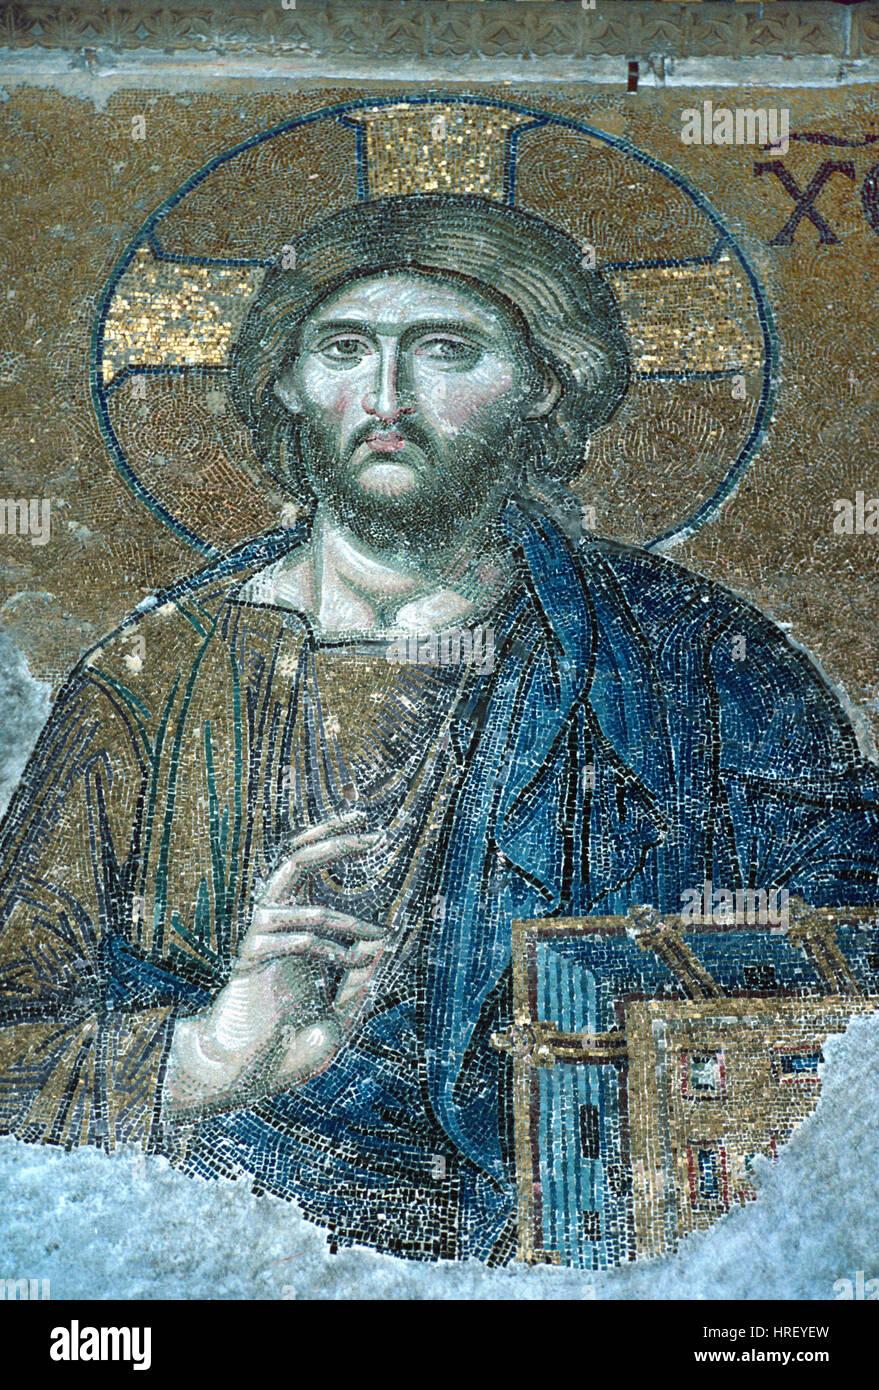 Jésus le Christ ou le Christ Pantocrator tenant une Bible Mosaïque byzantine (c1261) une partie de la mosaïque dans l'Deësis Sainte-sophie, Sancta Sophia ou église ou Basilique Sainte Sophie Istanbul Turquie Banque D'Images